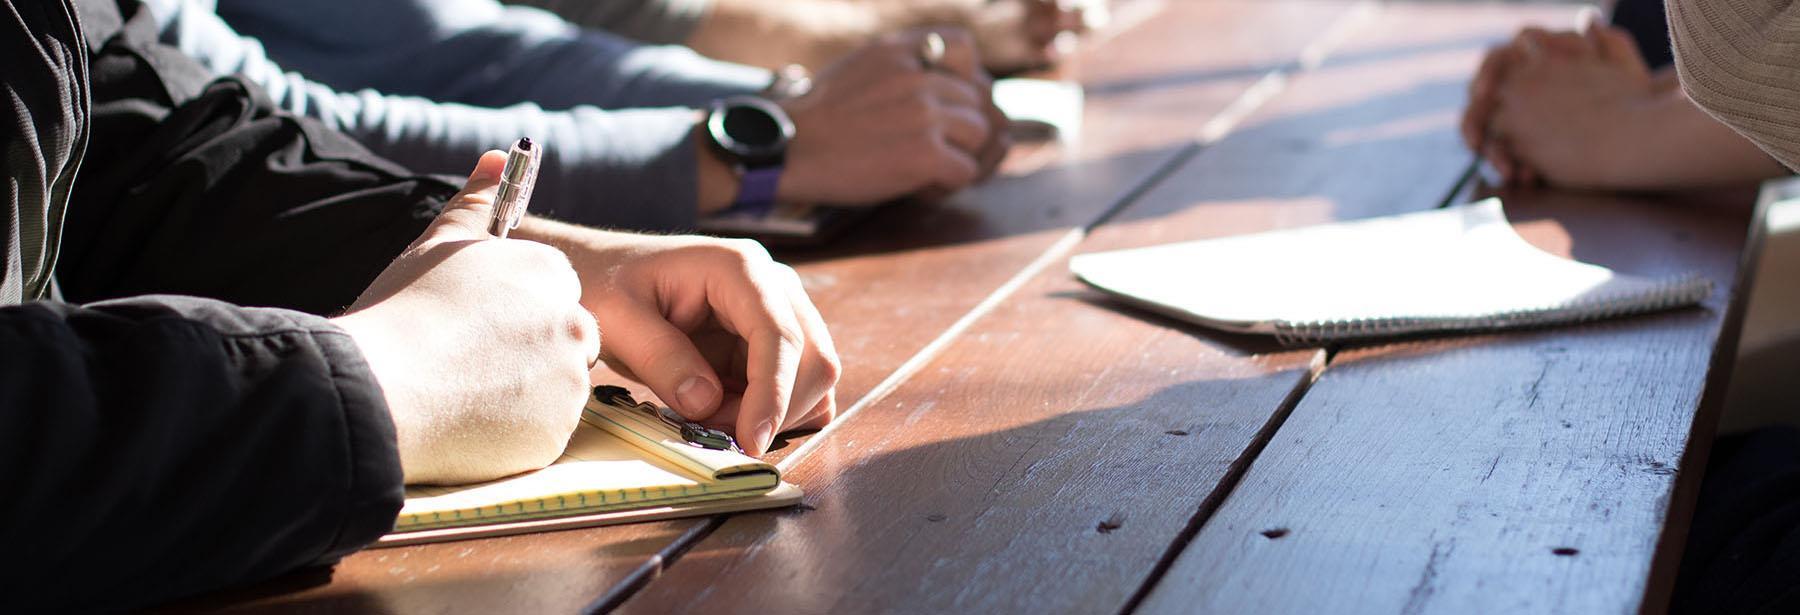 Tipps für effiziente Meetings